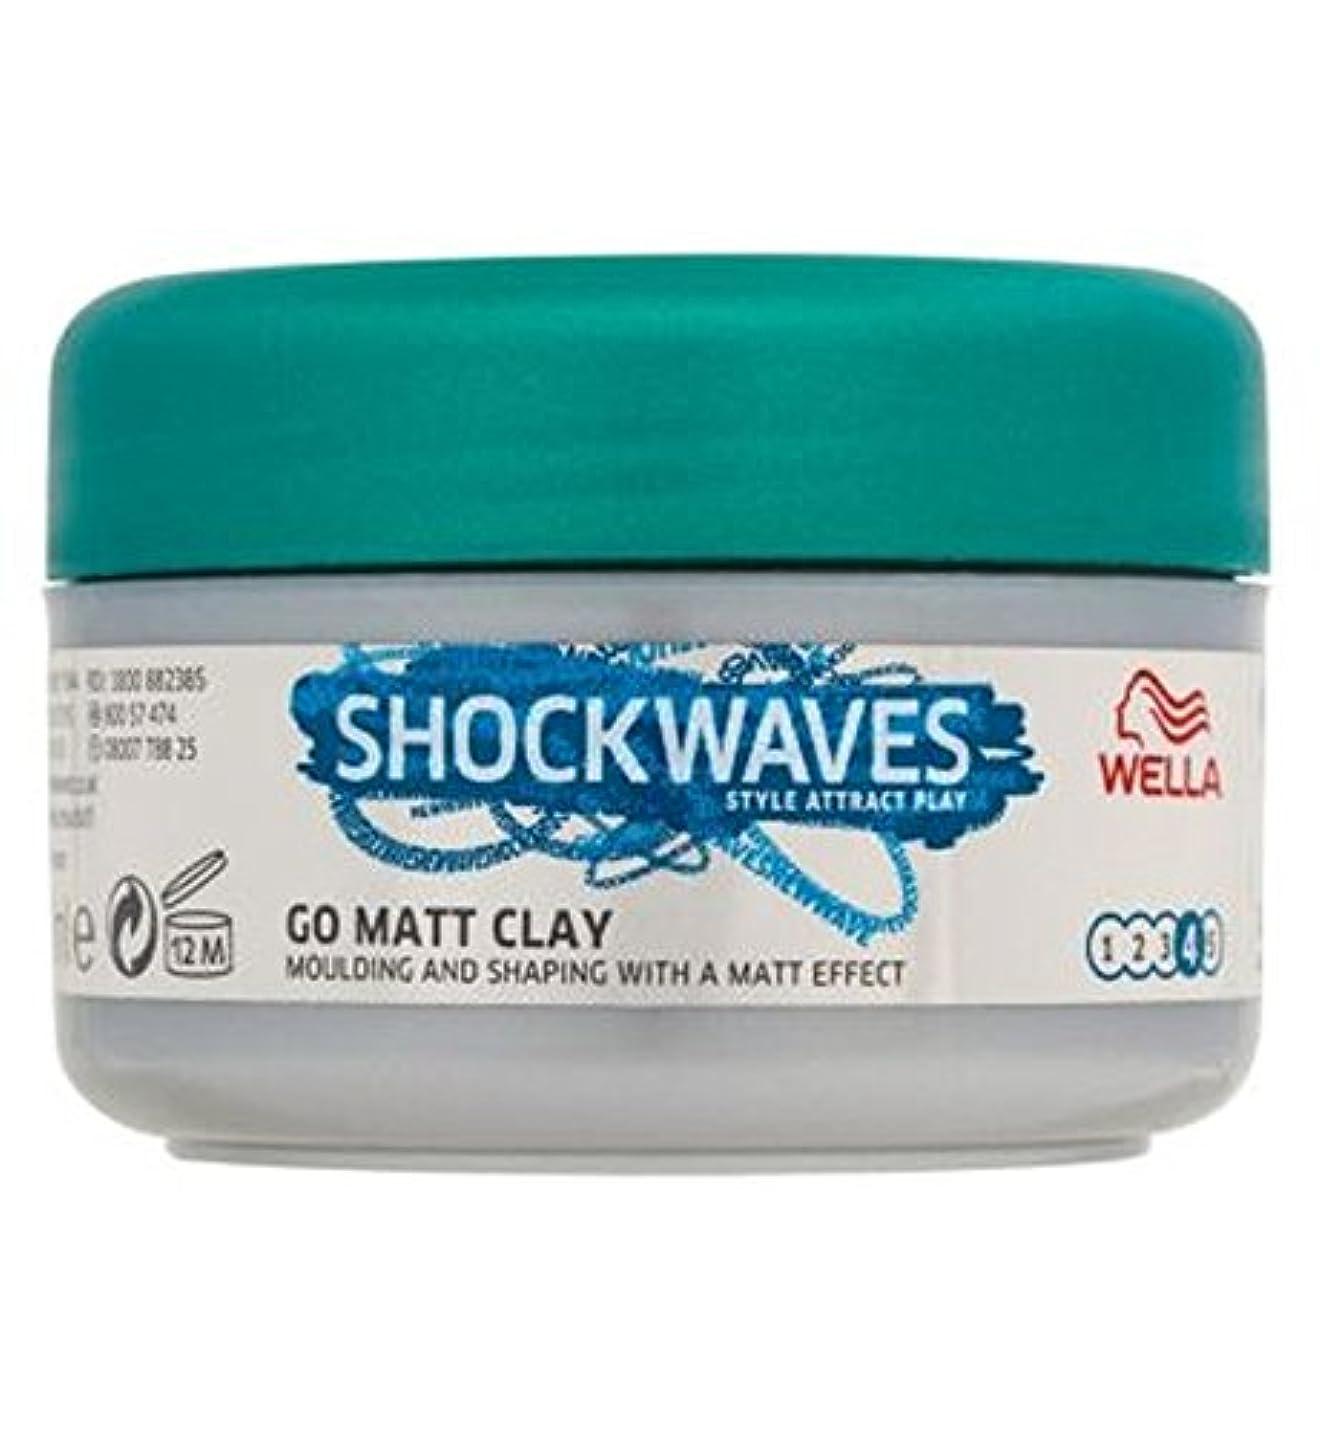 魅力的私たちの殺しますWella Shockwaves Extrovert Go Matt Clay 75ml - ウエラの衝撃波の外向性はマット粘土75ミリリットルを行きます (Wella Shockwaves) [並行輸入品]